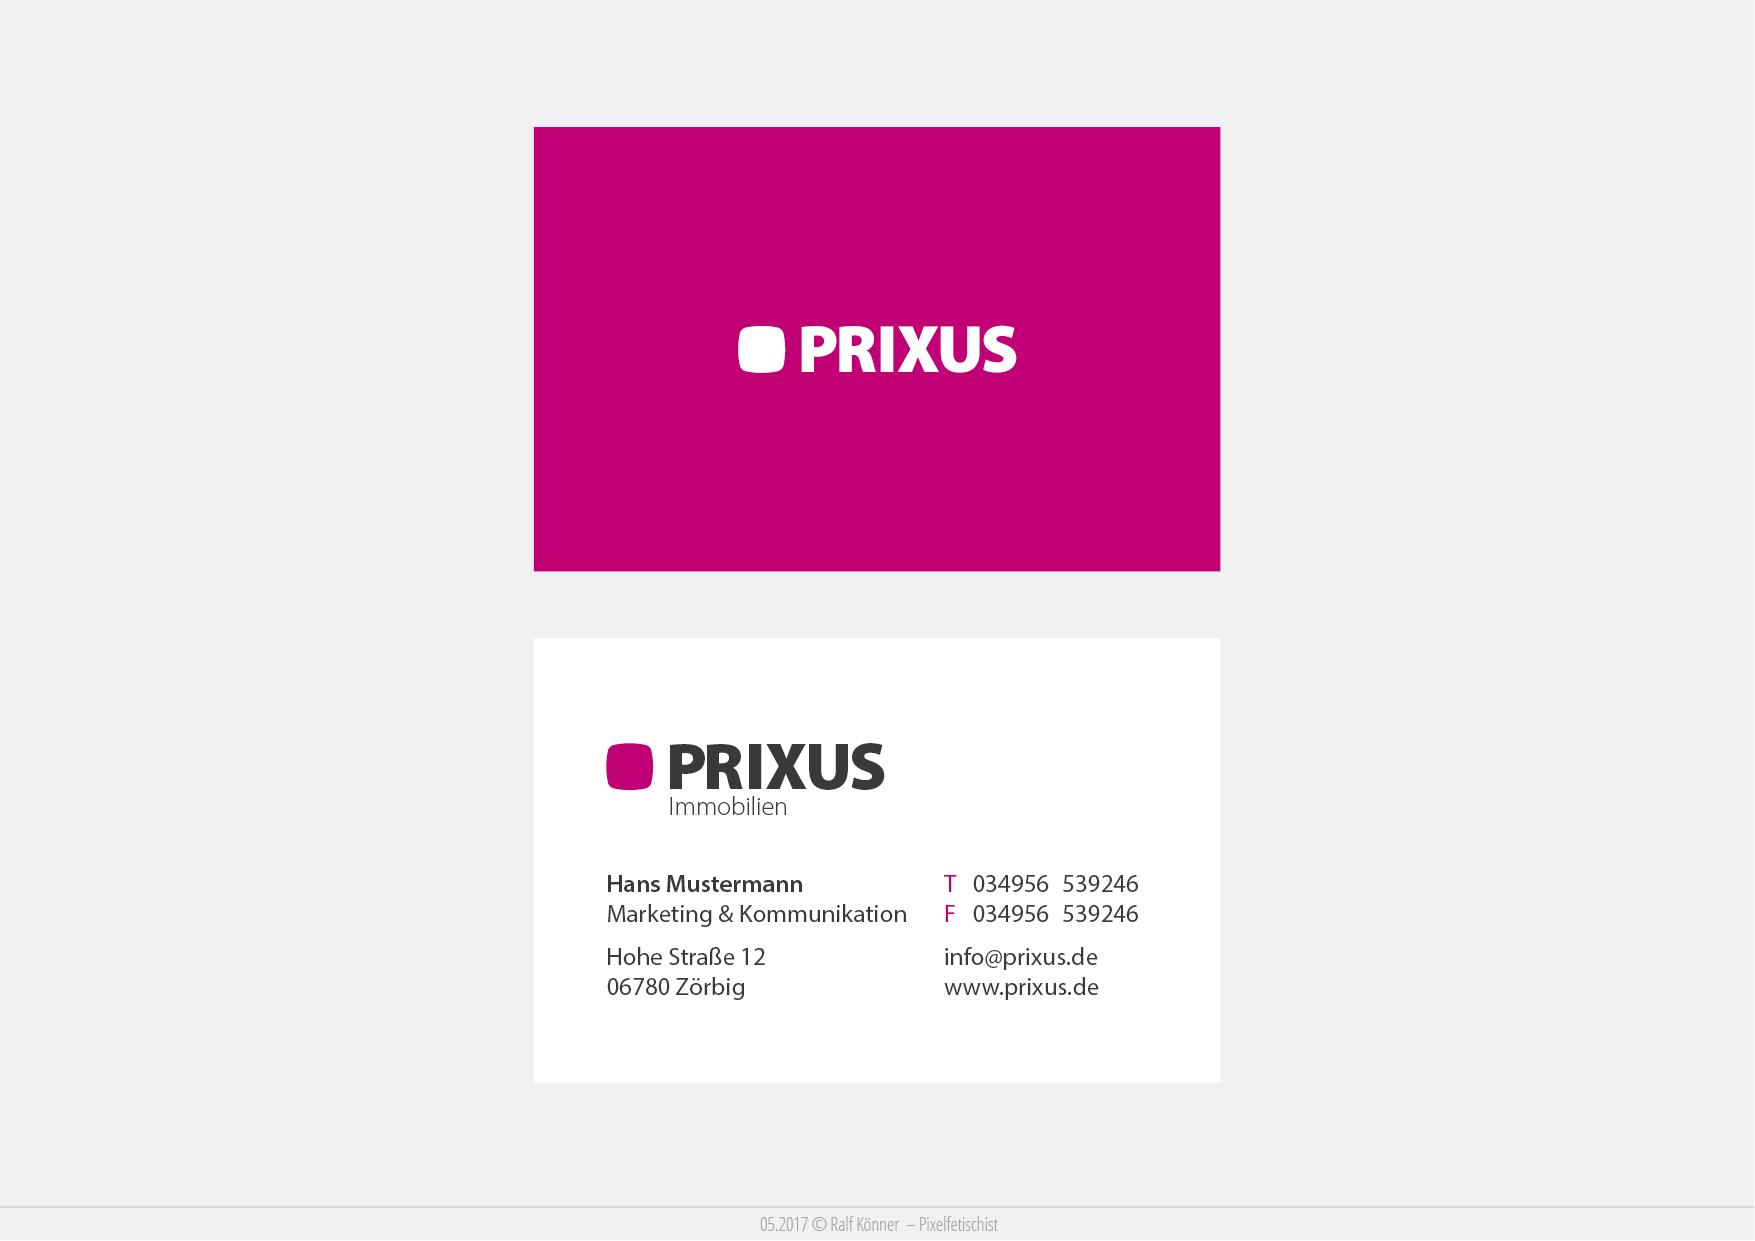 Design #18 de Pixelfetischist